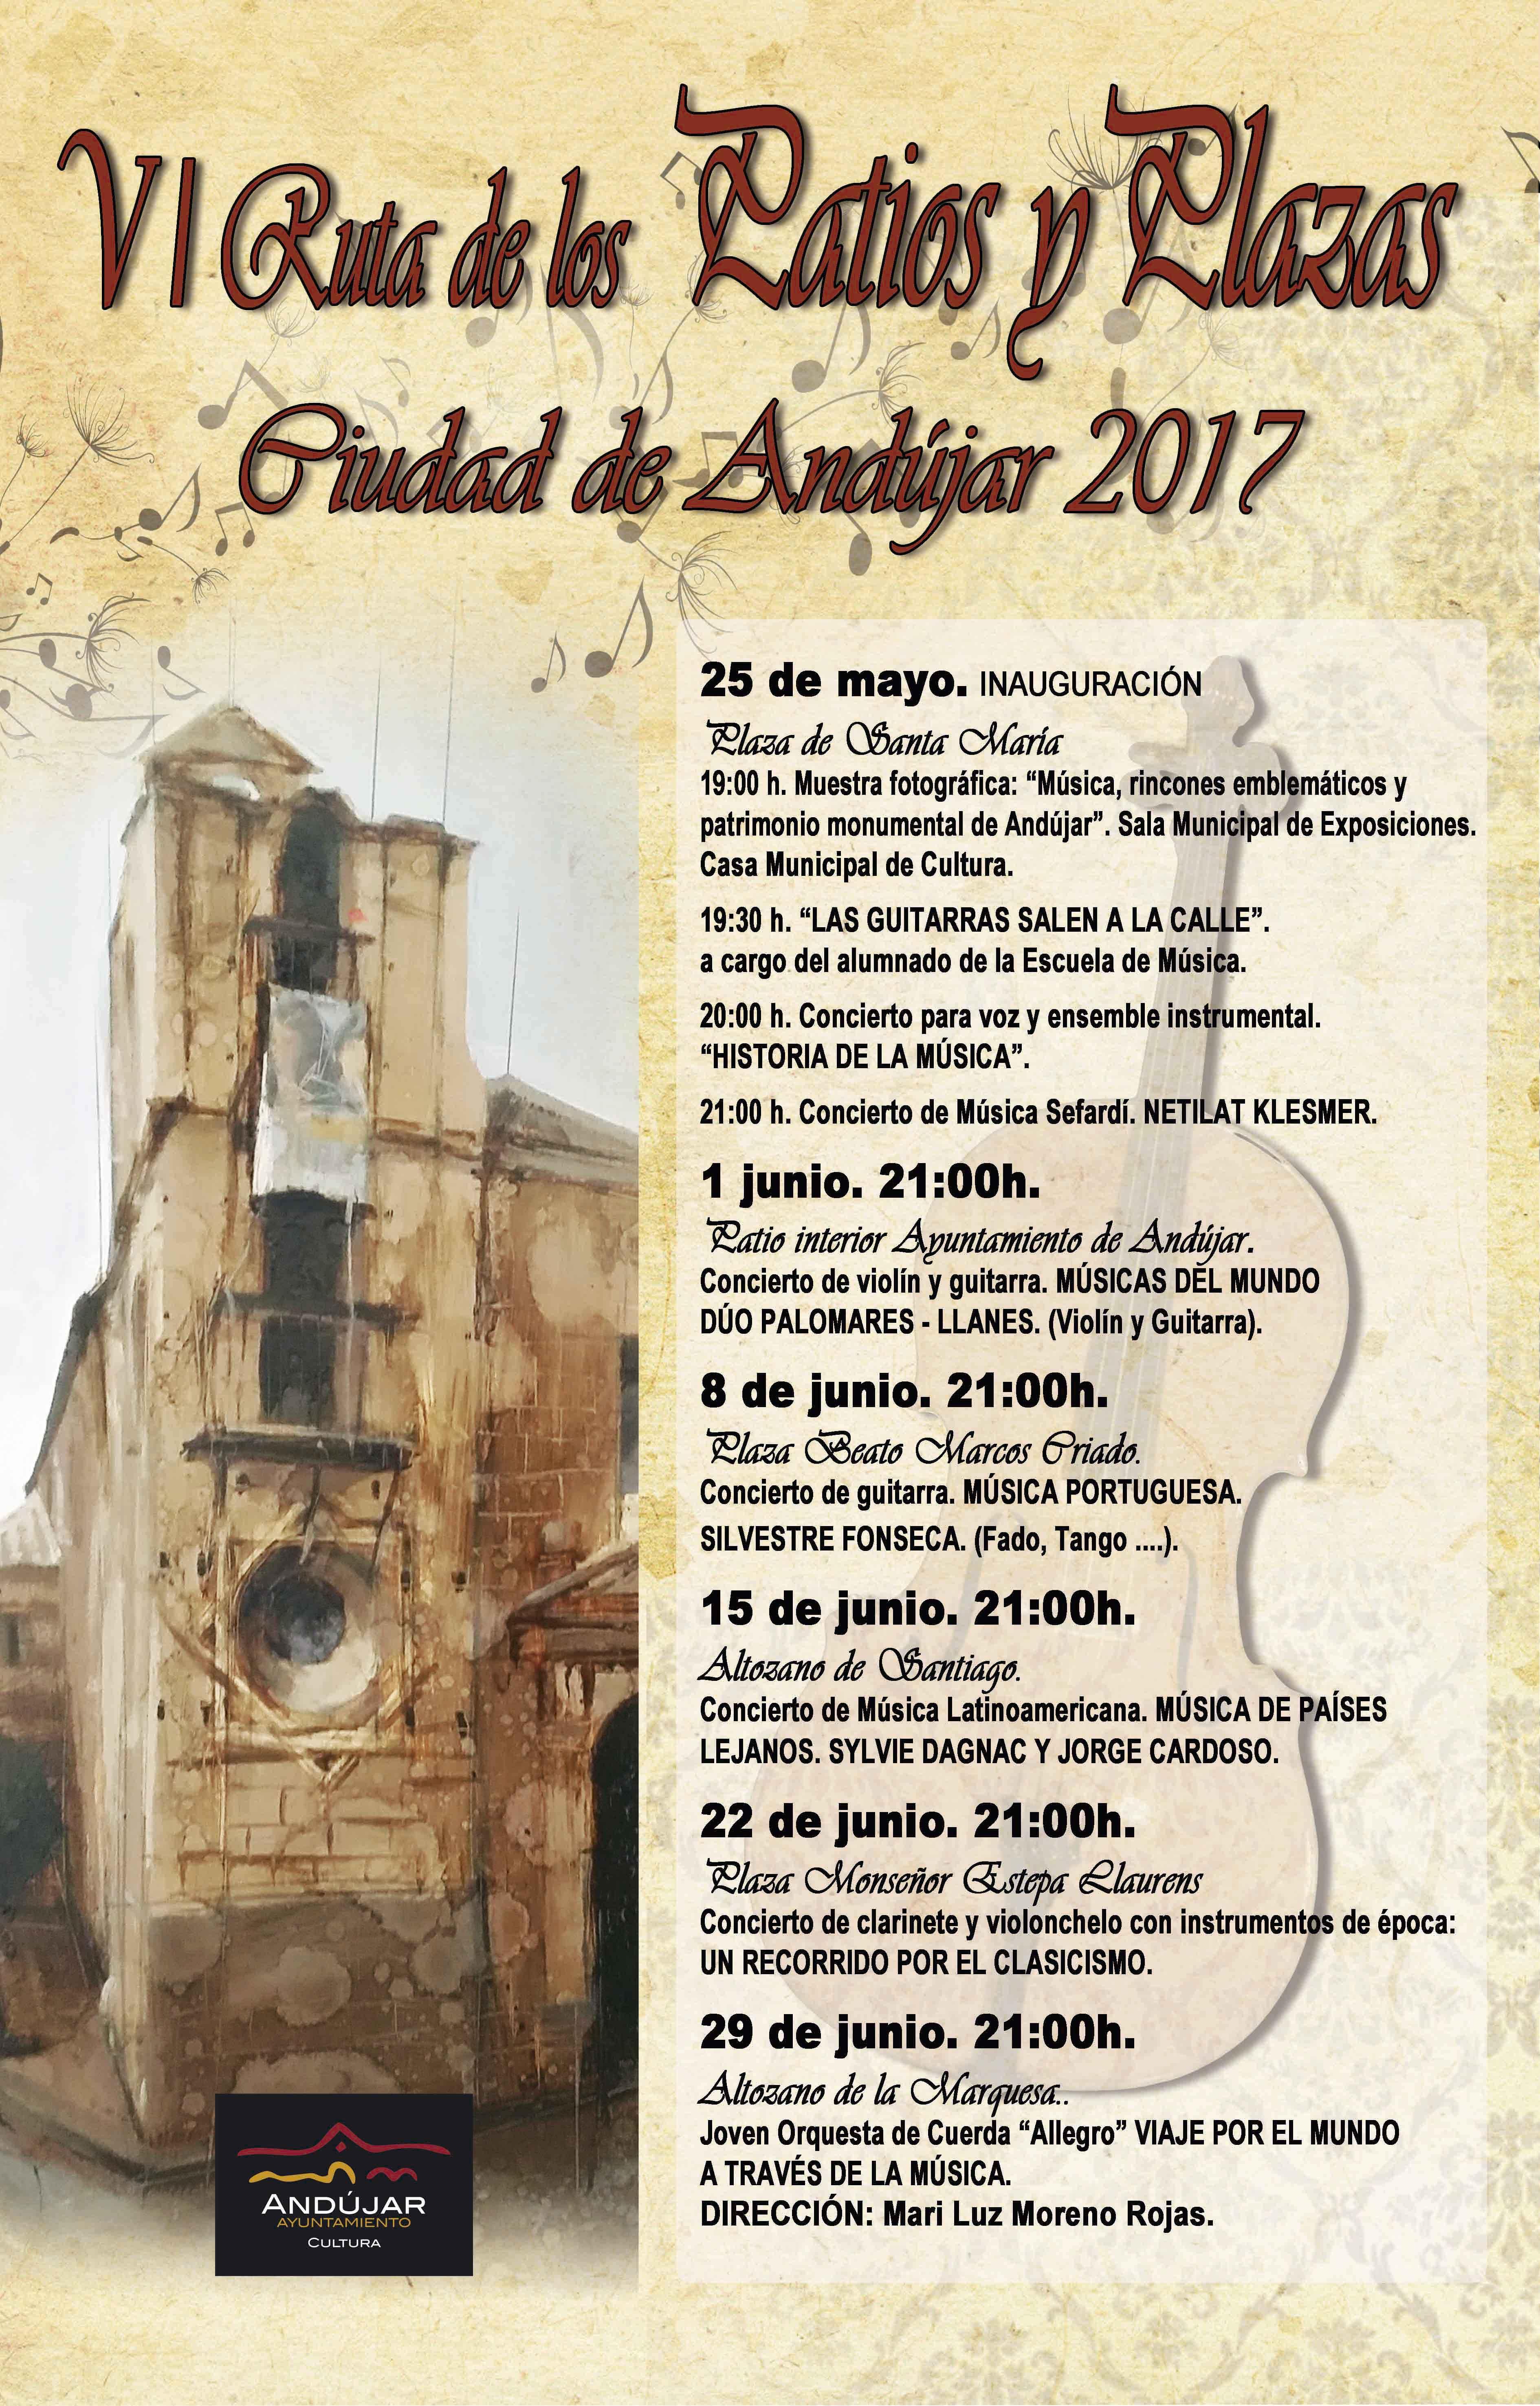 El Giraldillo - Todos los eventos del 23 de Junio en Andalucía